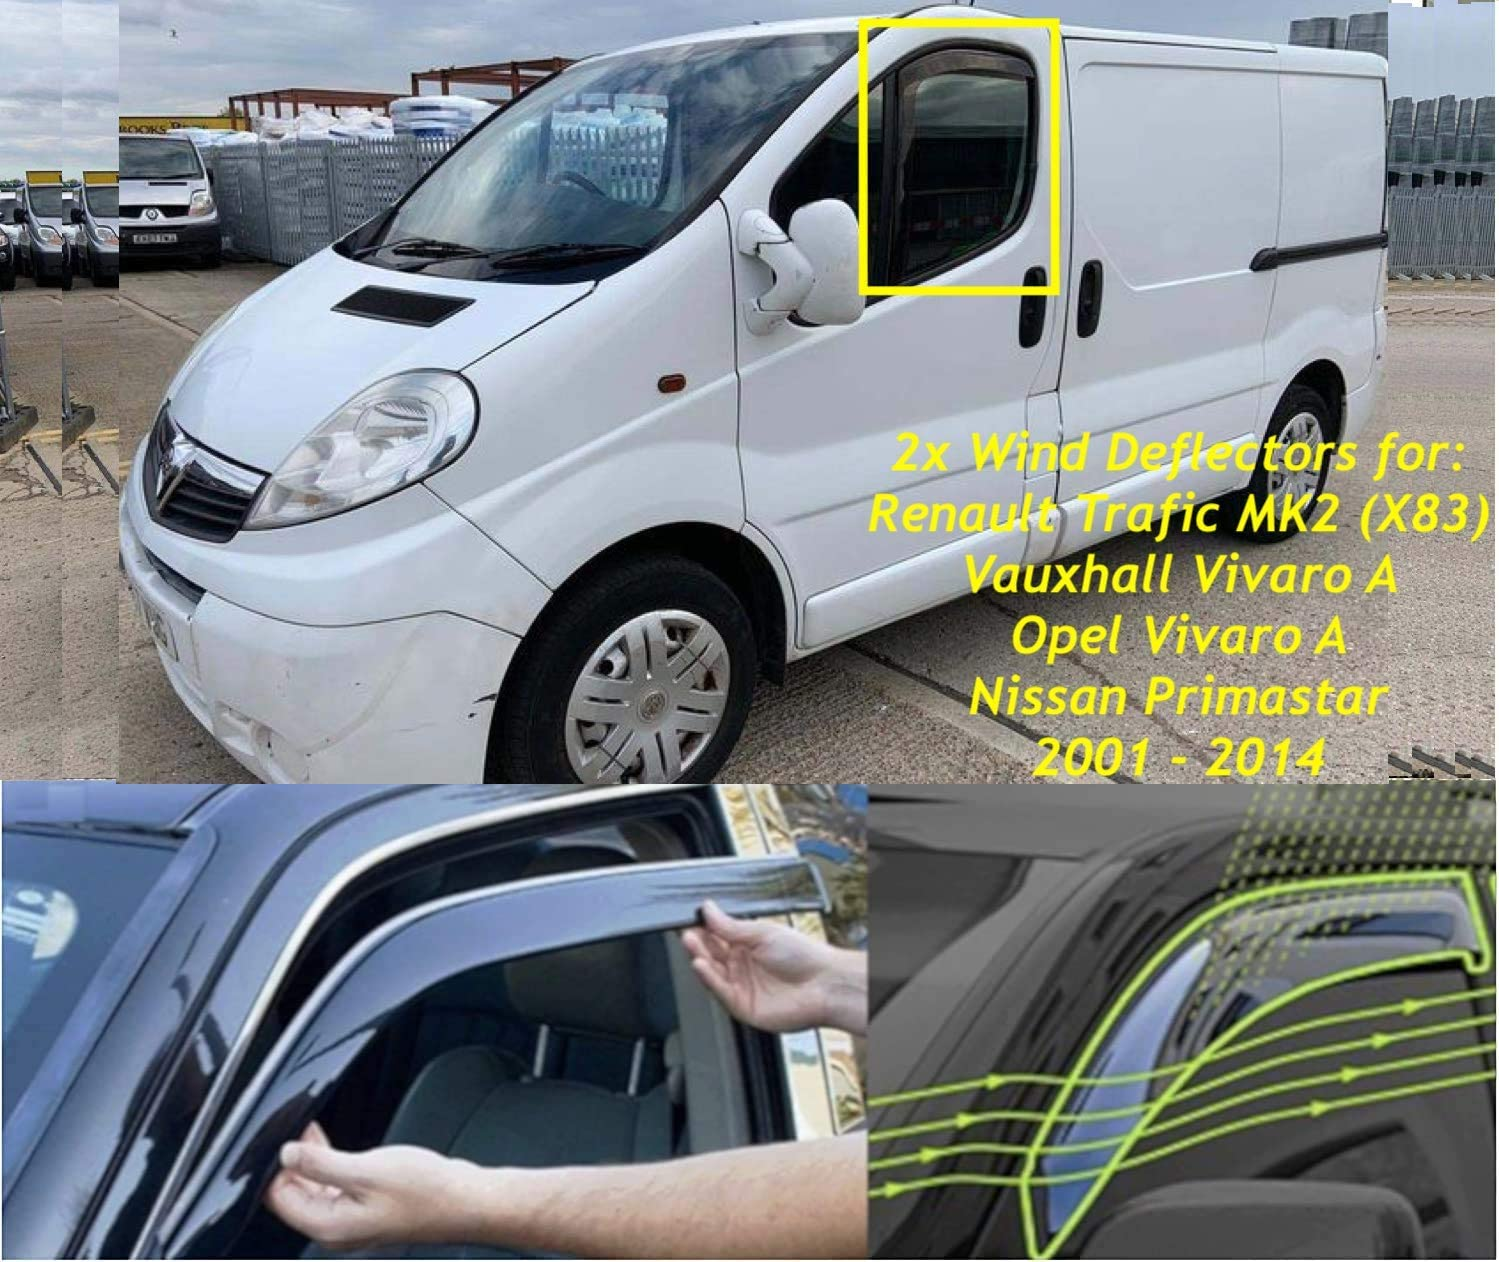 Primastar 2001 2002 2003 2004 2005 2006 2007 2008 2009 2010 2011 2012 2013 2014 Vauxhall Vivaro A 2 d/éflecteurs dair fabriqu/és pour Renault Trafic X83